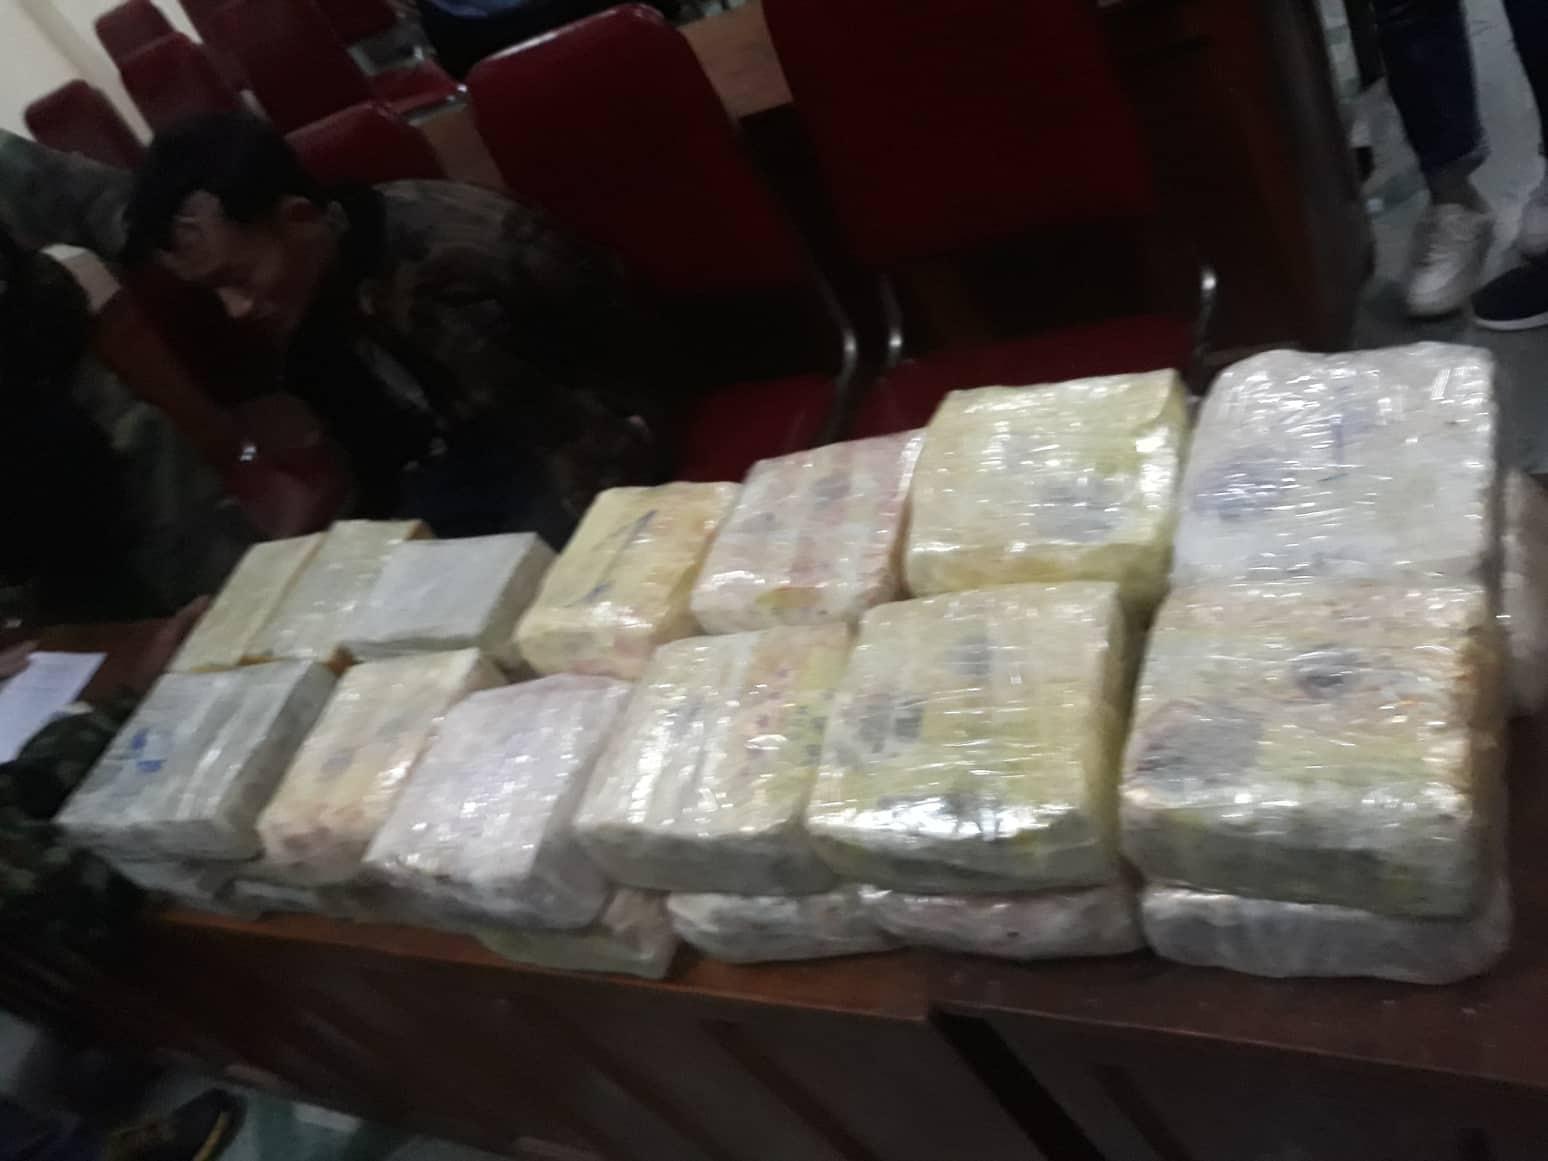 Nghệ An Bắt giữ 2 đối tượng vận chuyển trái phép 30 bánh hêrôin và 18 kg ma túy đá